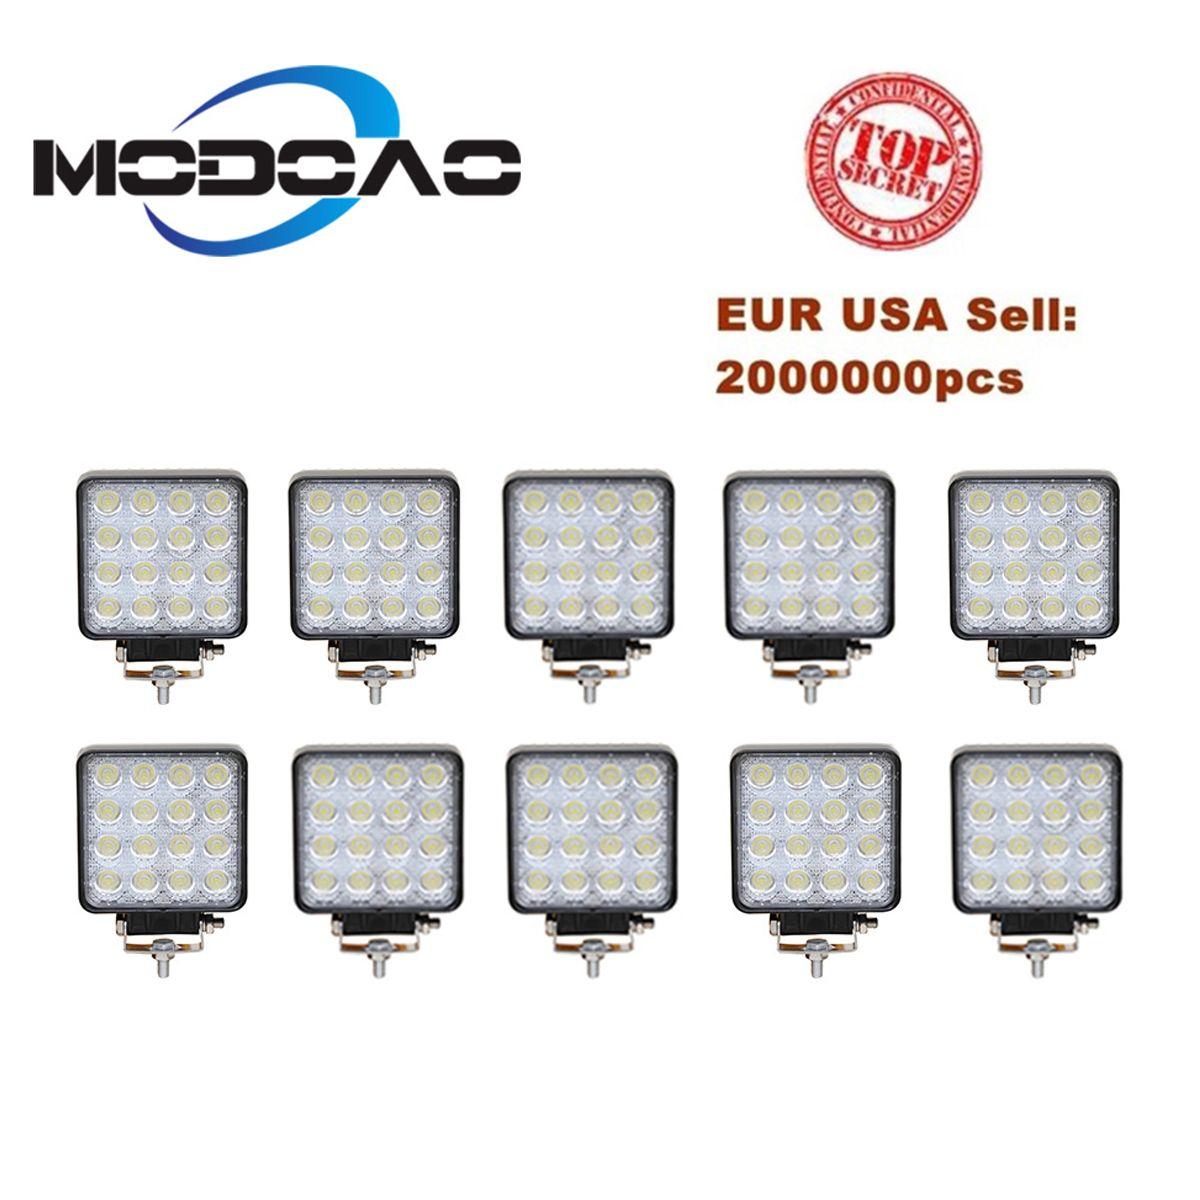 10 stücke Vehicel Scheinwerfer 16 LEDs Cool White Licht Bar 12 V 24 V 4 inch Fahrzeug Arbeit Licht LED lkw Für Offroad SUV Jeep ATV UAZ